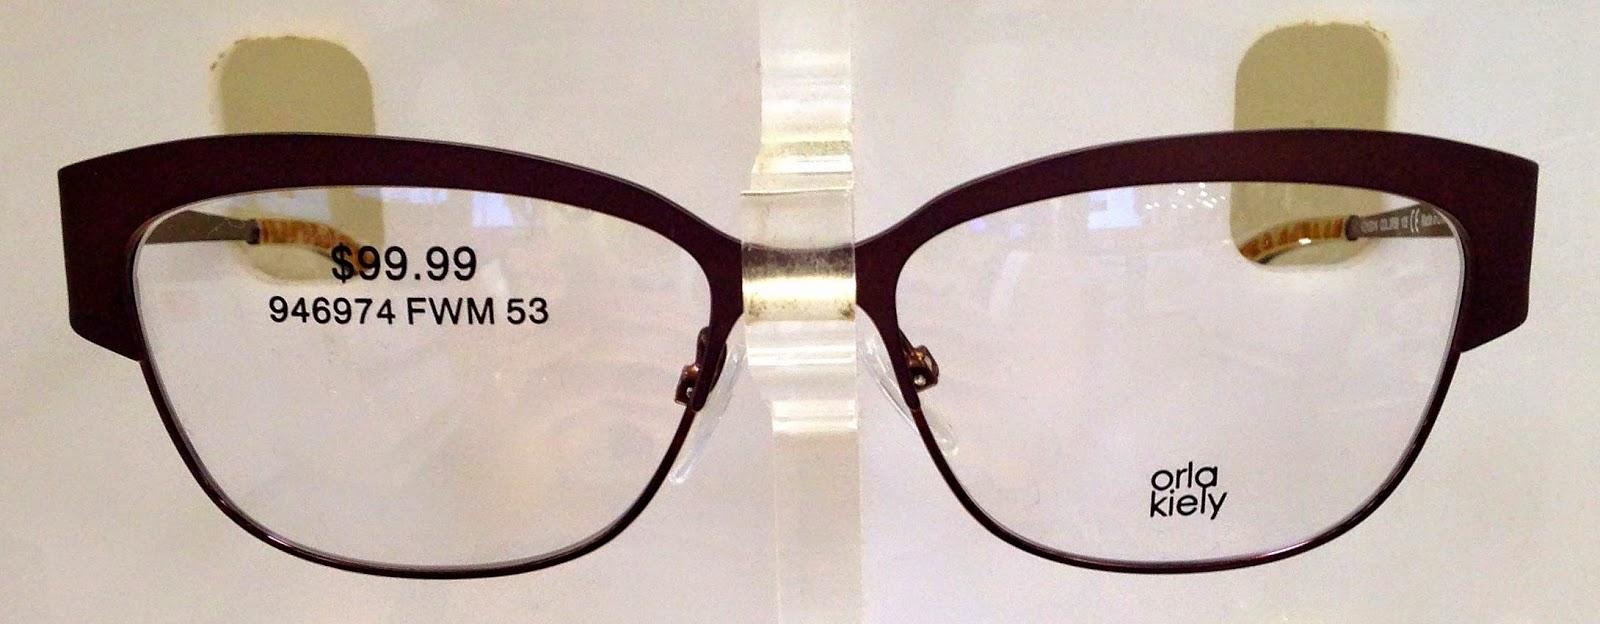 i orla kiely new orla kiely eyeglasses at costco